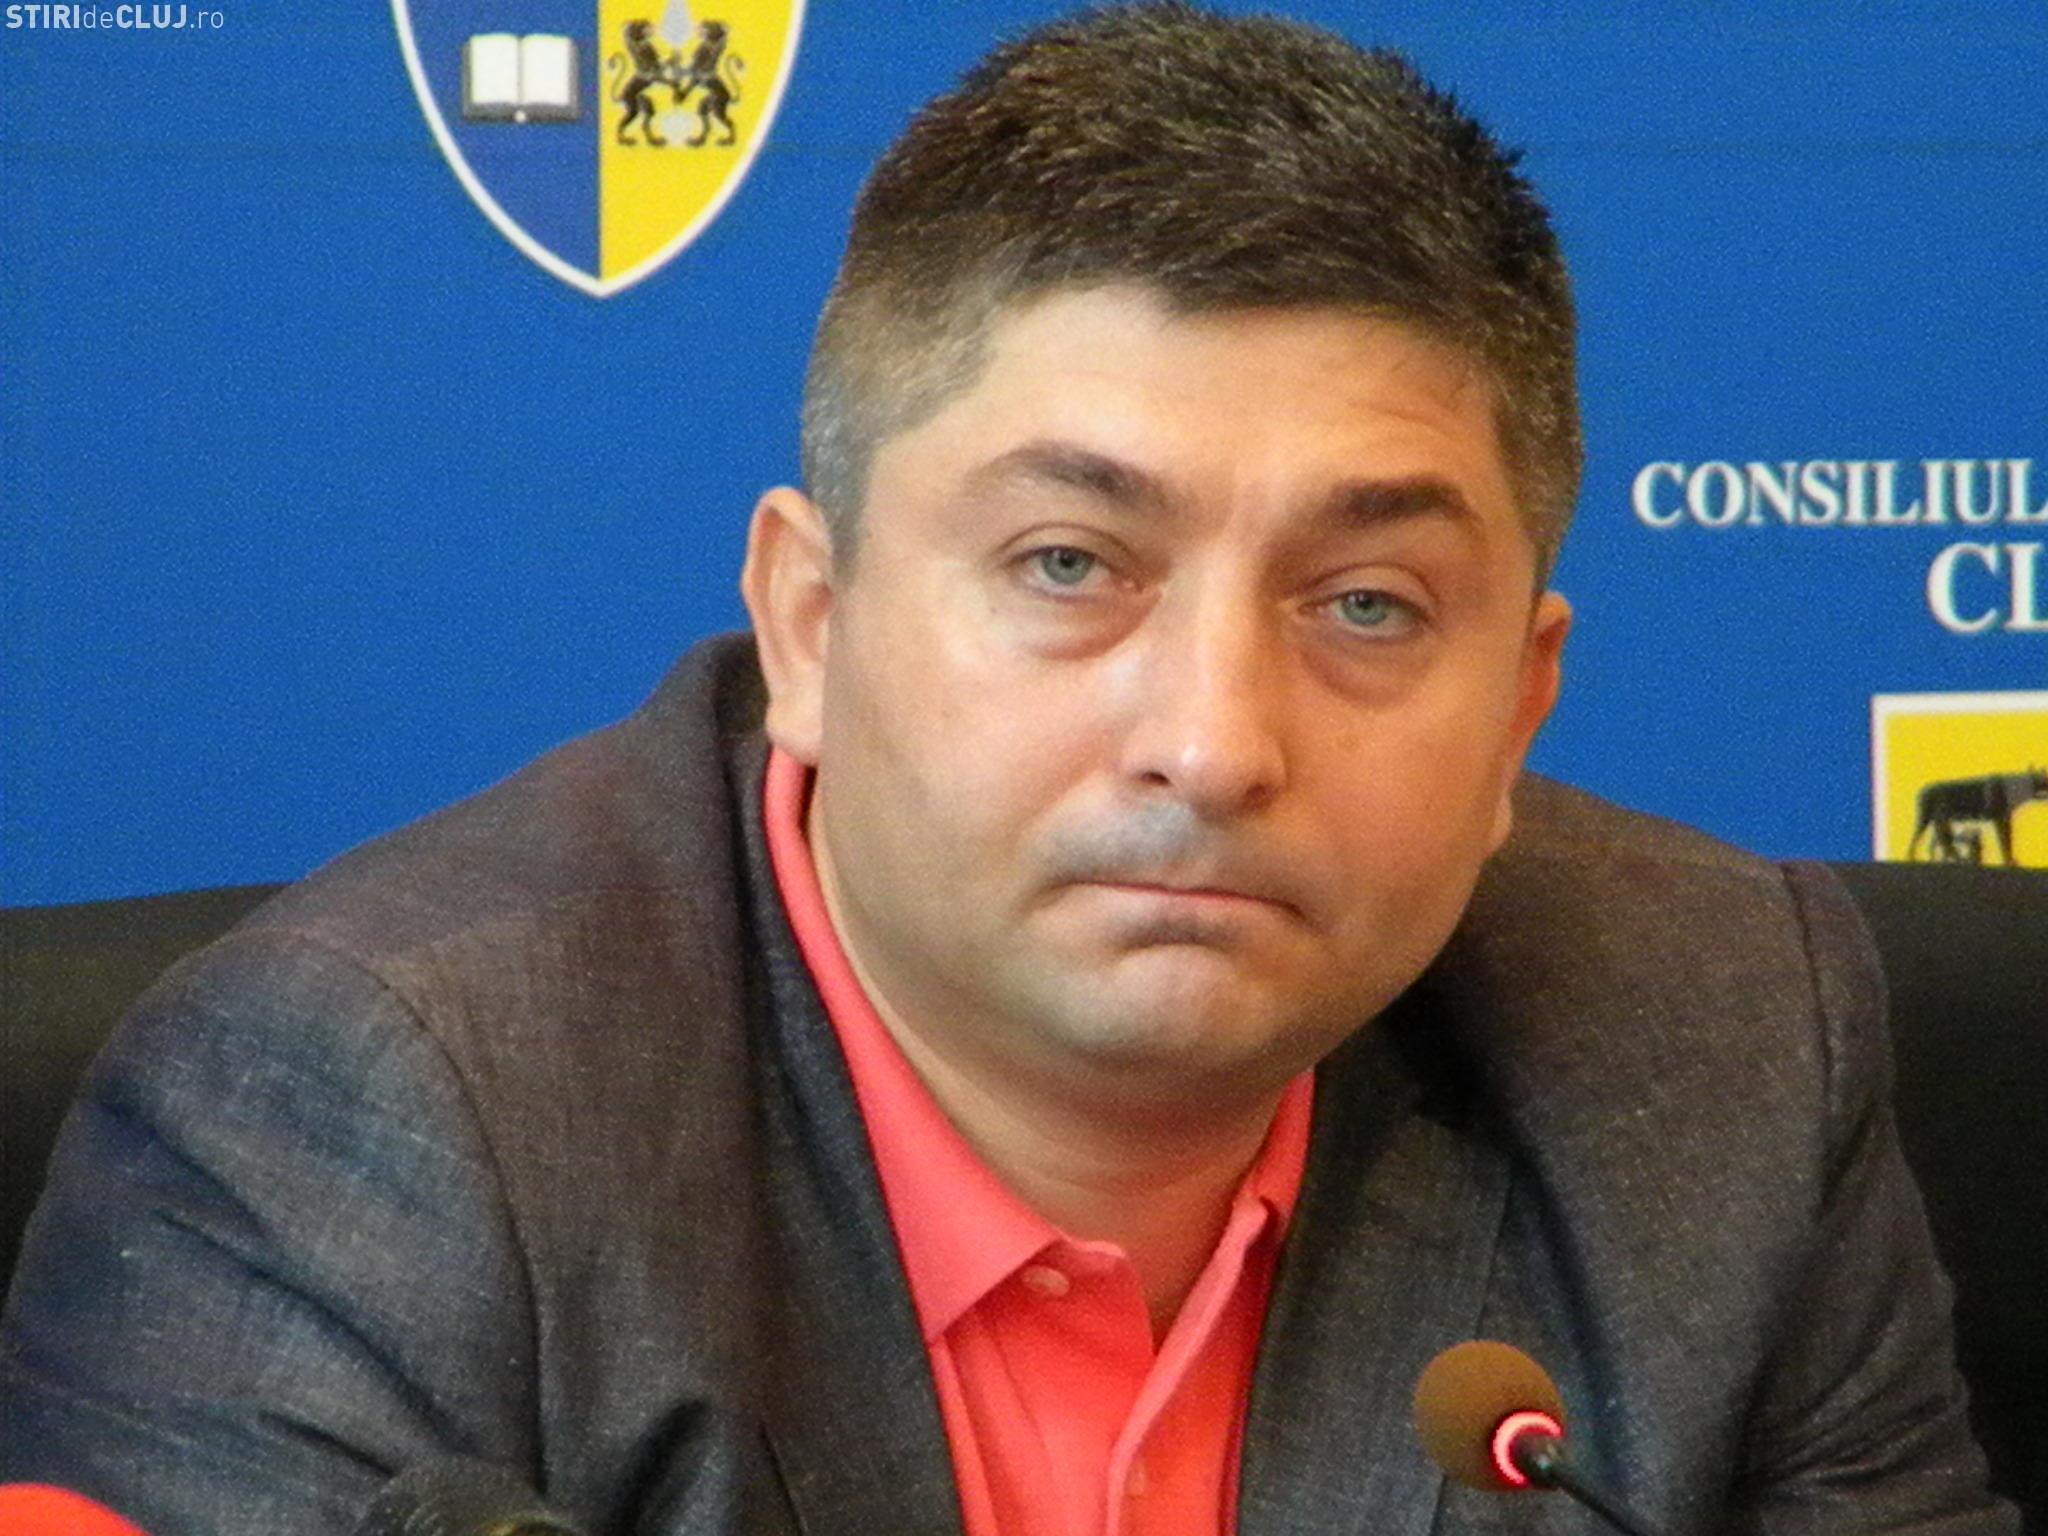 PSD Cluj: Alin Tișe promite în campania electorală tot ce NU au susținut PD-L și PNL în ultimii ani (P)